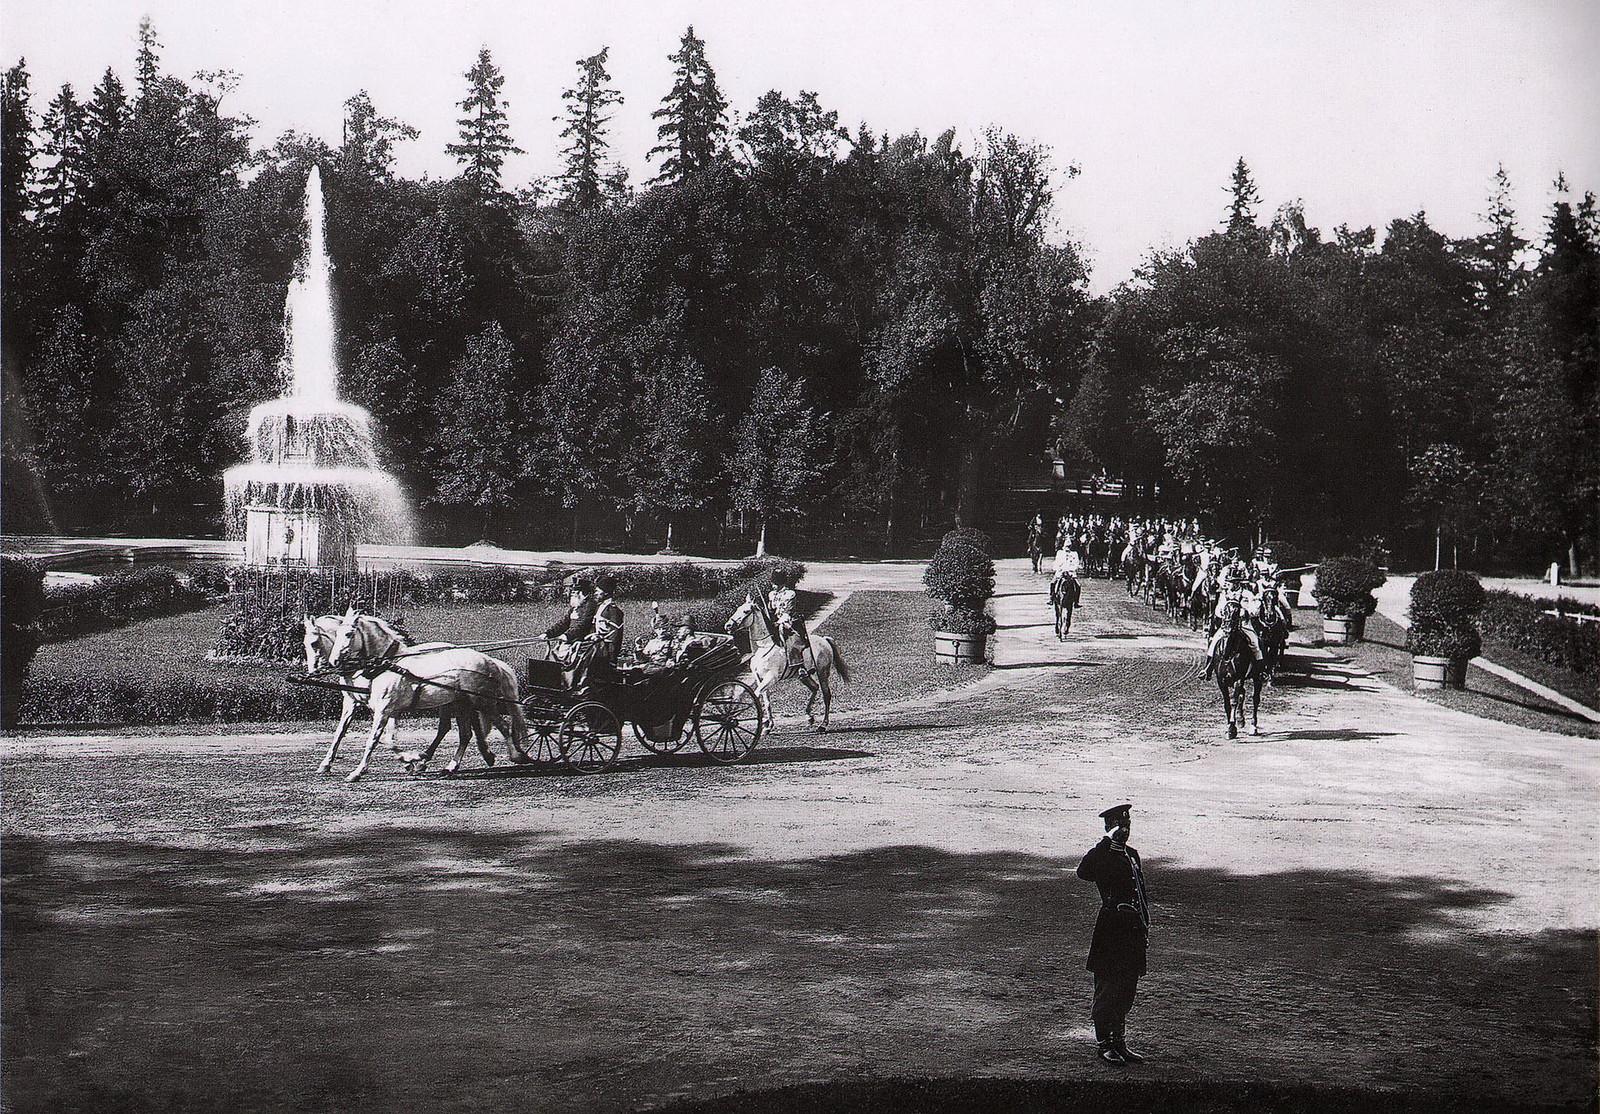 1909. Император Николай II и король Фредерик VIII следуют ко дворцу в Новом Петергофе